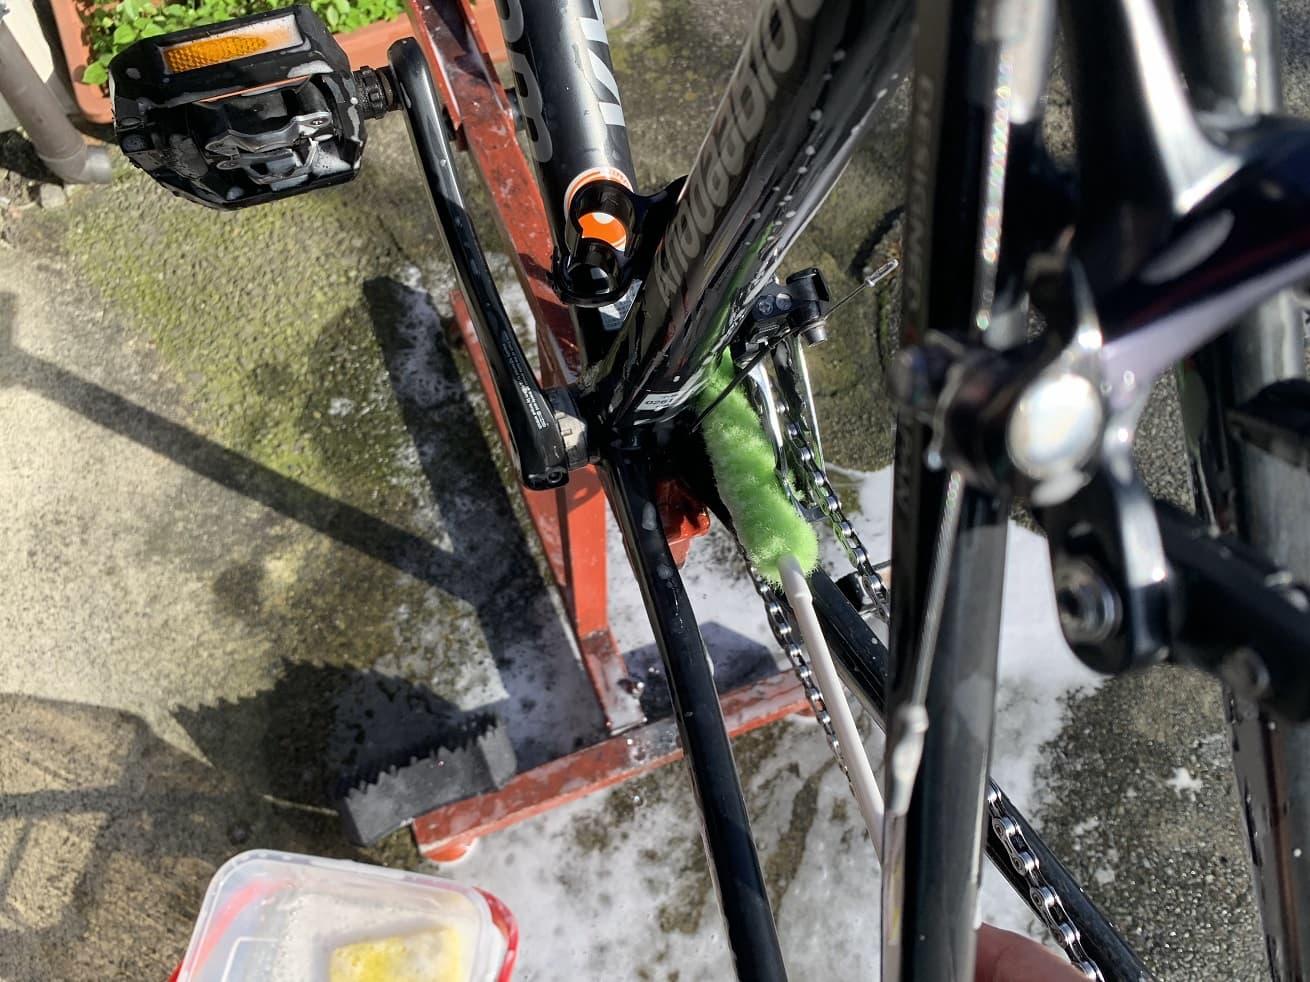 クランクの間はペットボトル洗いを入れ汚れを落とす